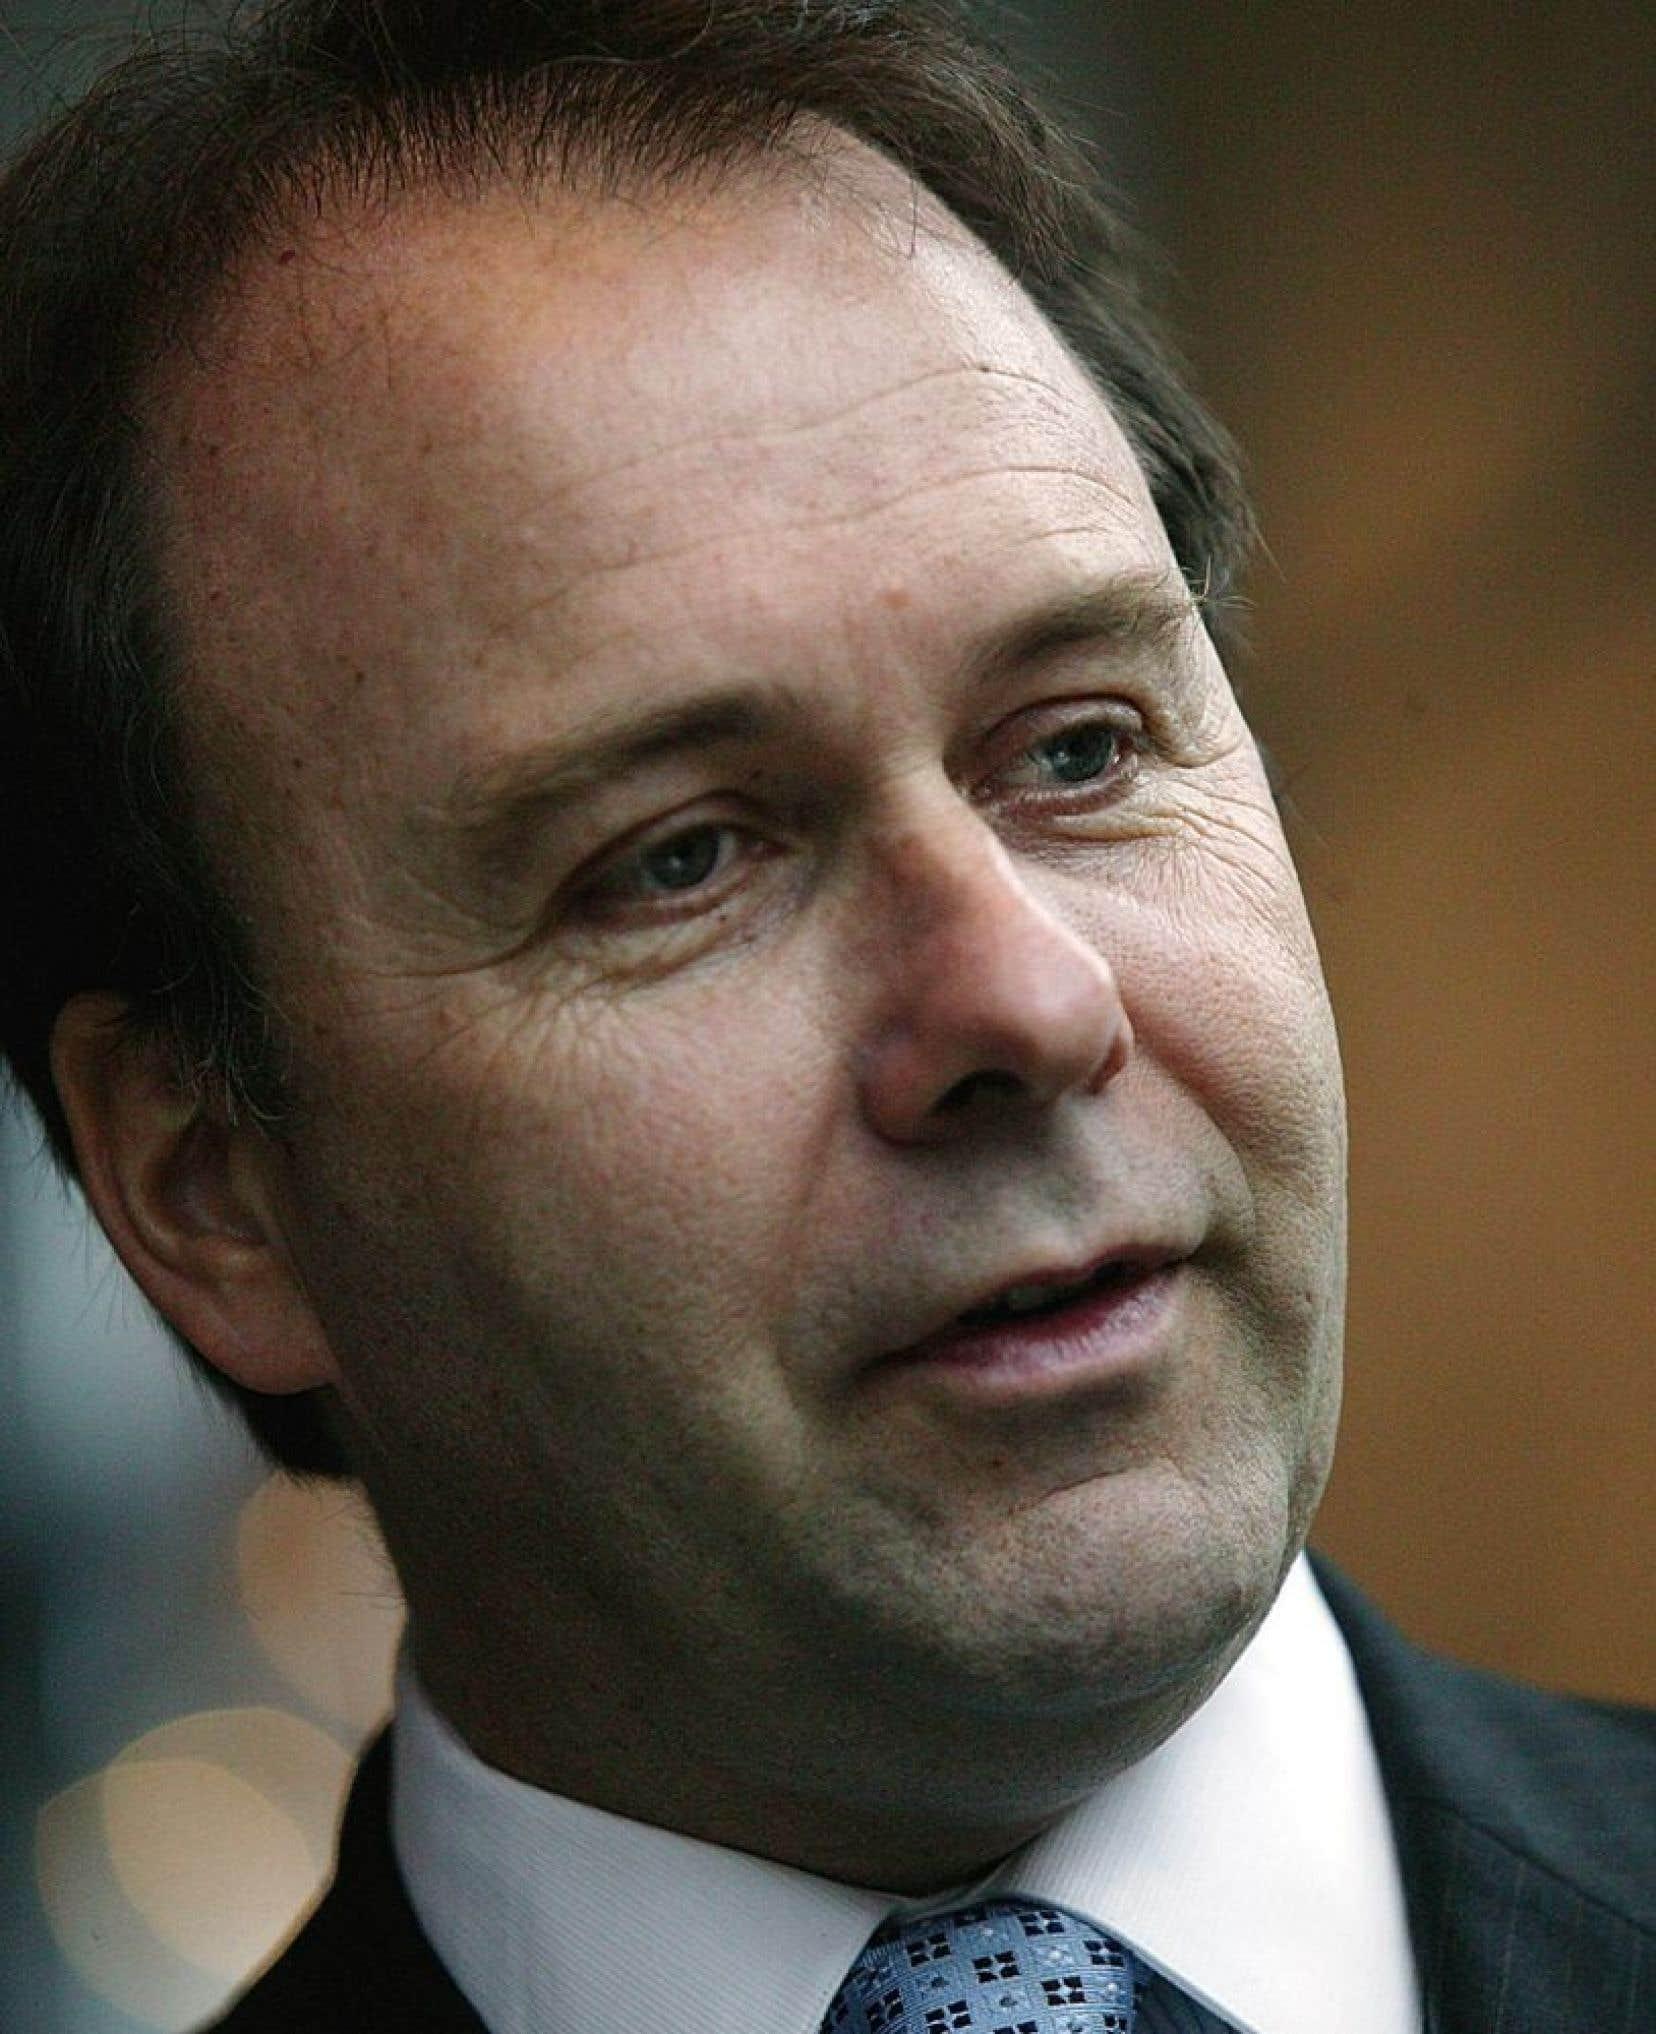 En froid avec les libéraux depuis plusieurs années, M. Bellemare a envoyé dimanche une lettre ouverte qui plaide «qu'il faut éviter de remettre les rênes du pouvoir au Parti libéral du Québec qui fait actuellement l'objet de nombreuses enquêtes criminelles».